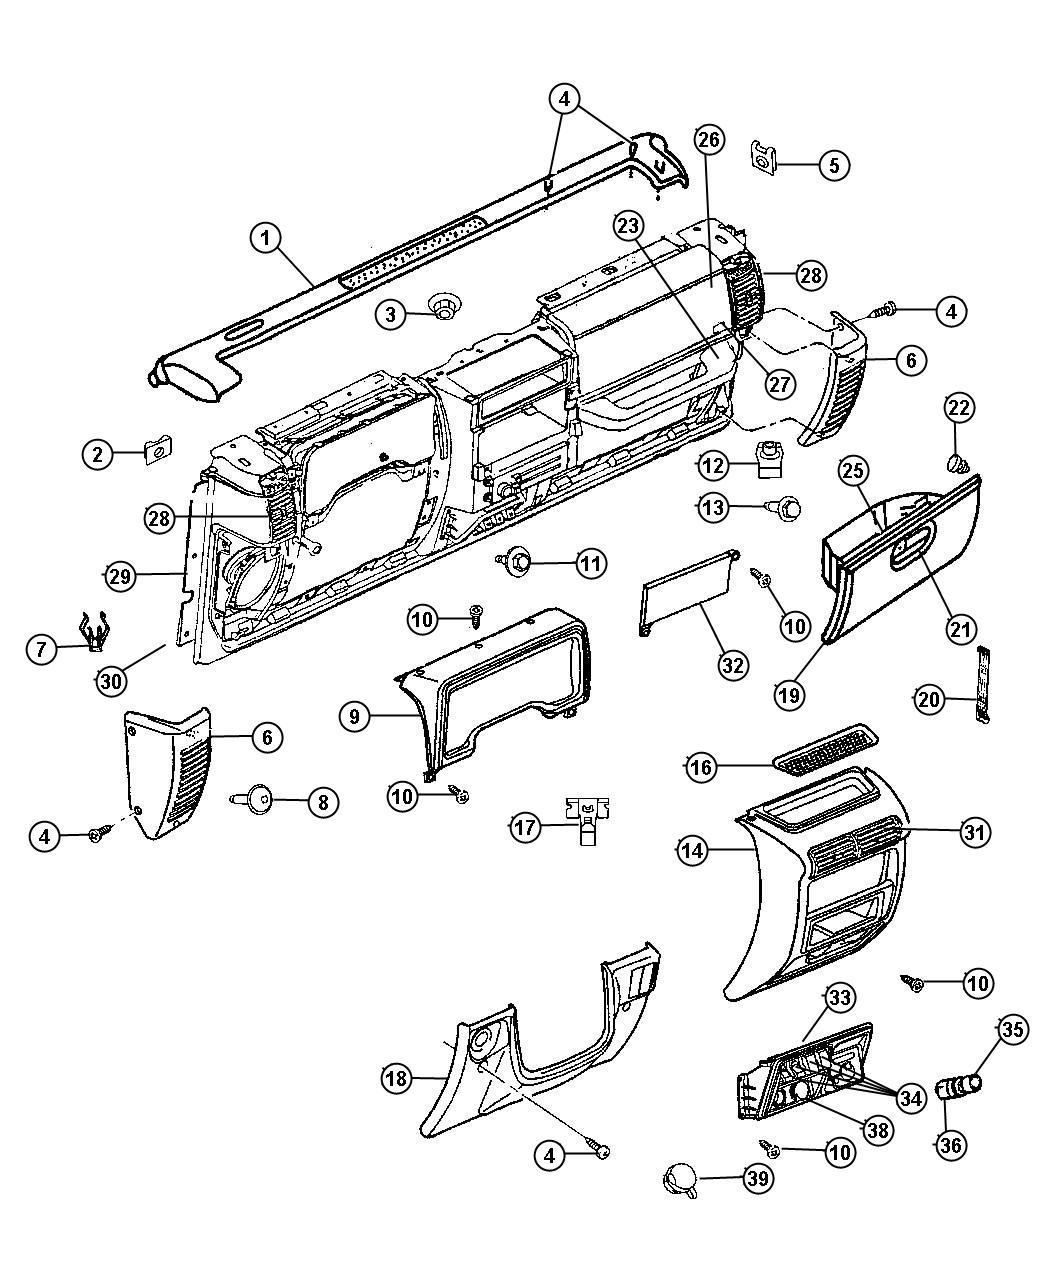 1998 jeep wrangler speaker size